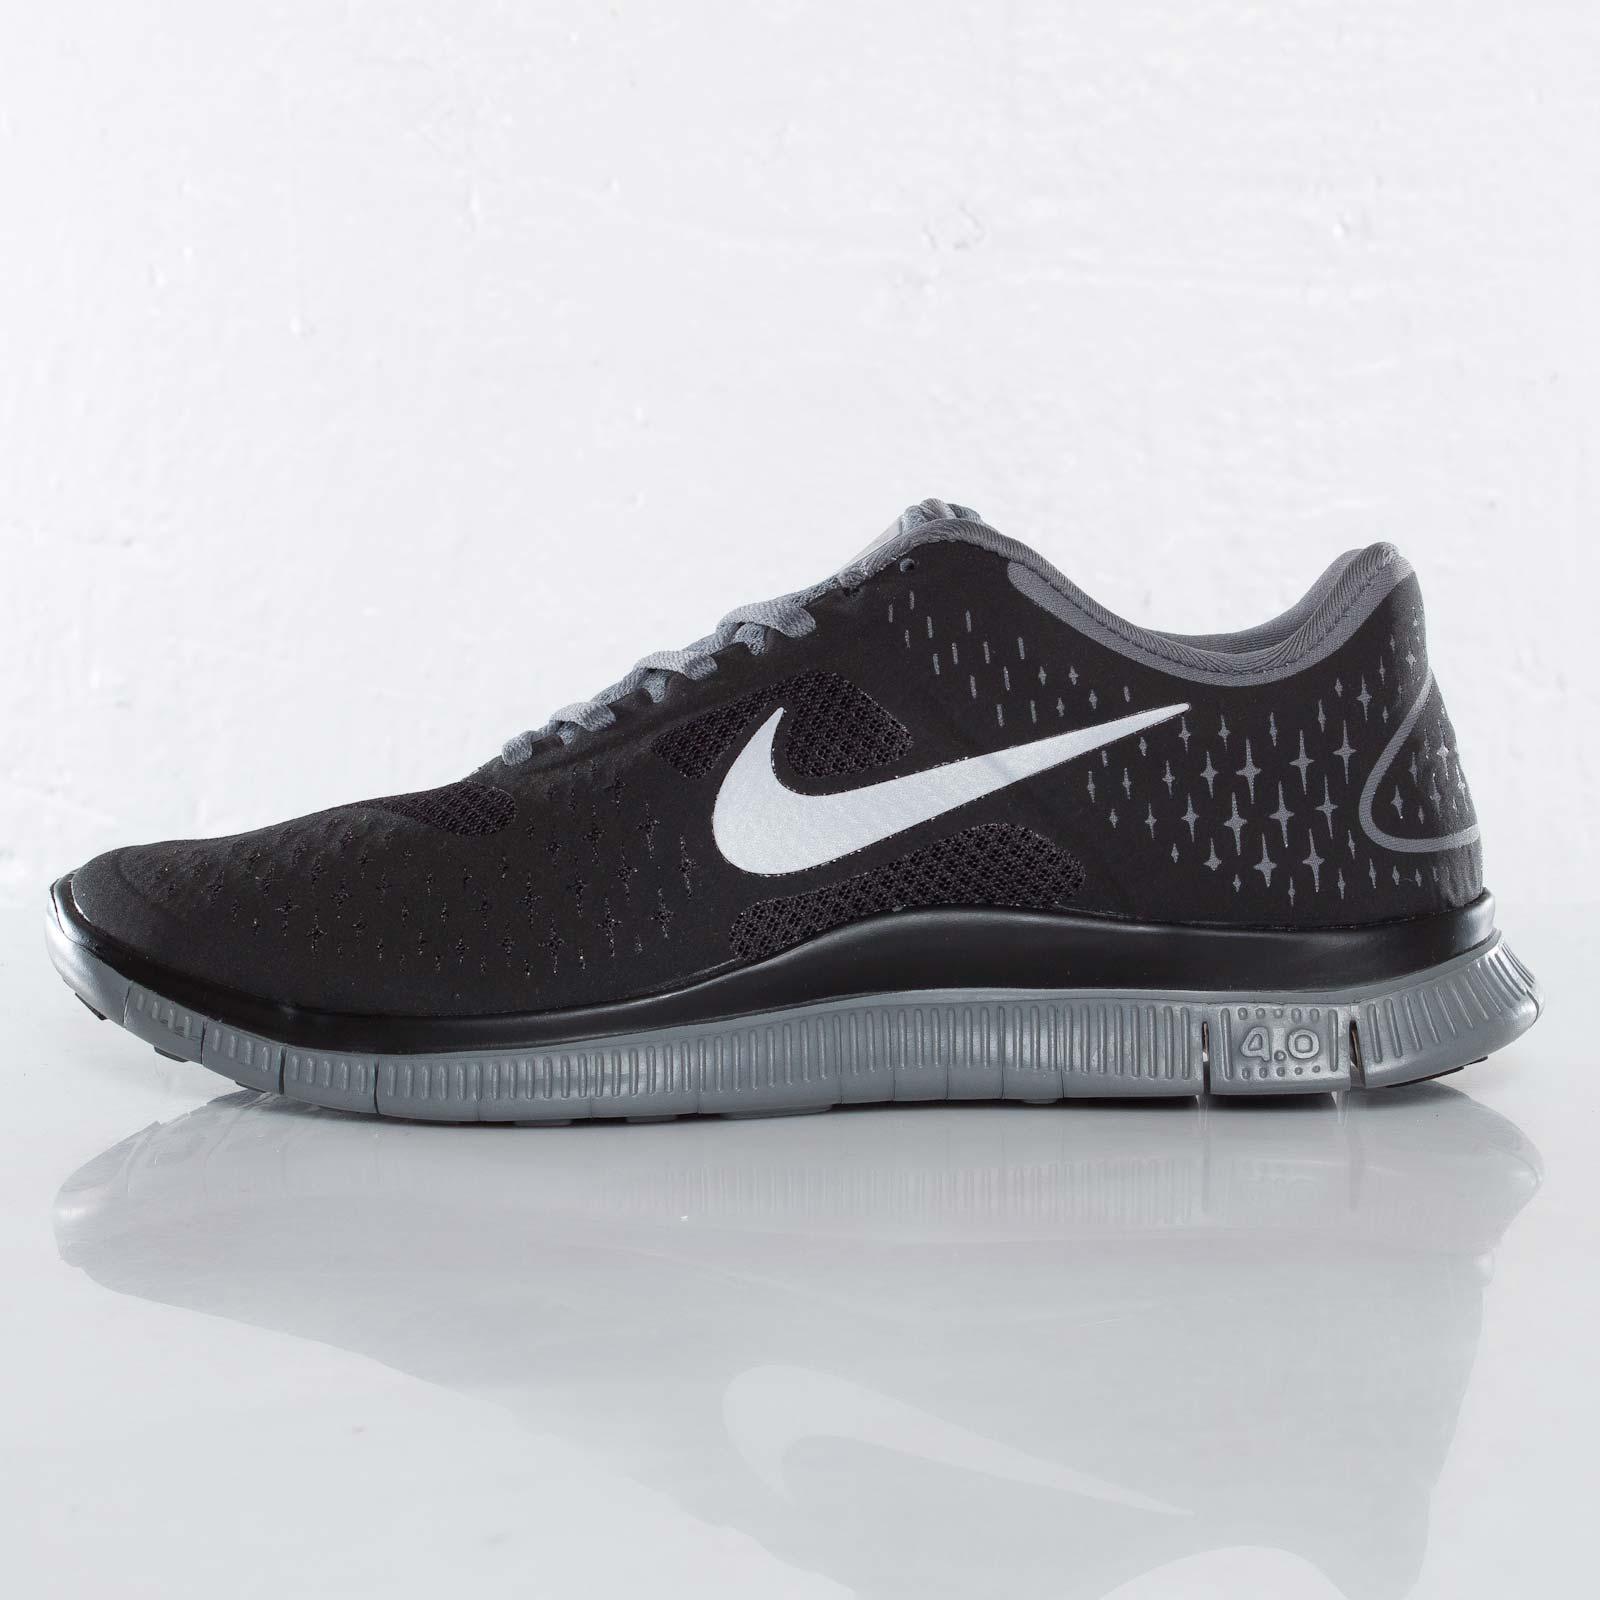 Nike Free 4.0 V2 511472 001 Sneakersnstuff | sneakers